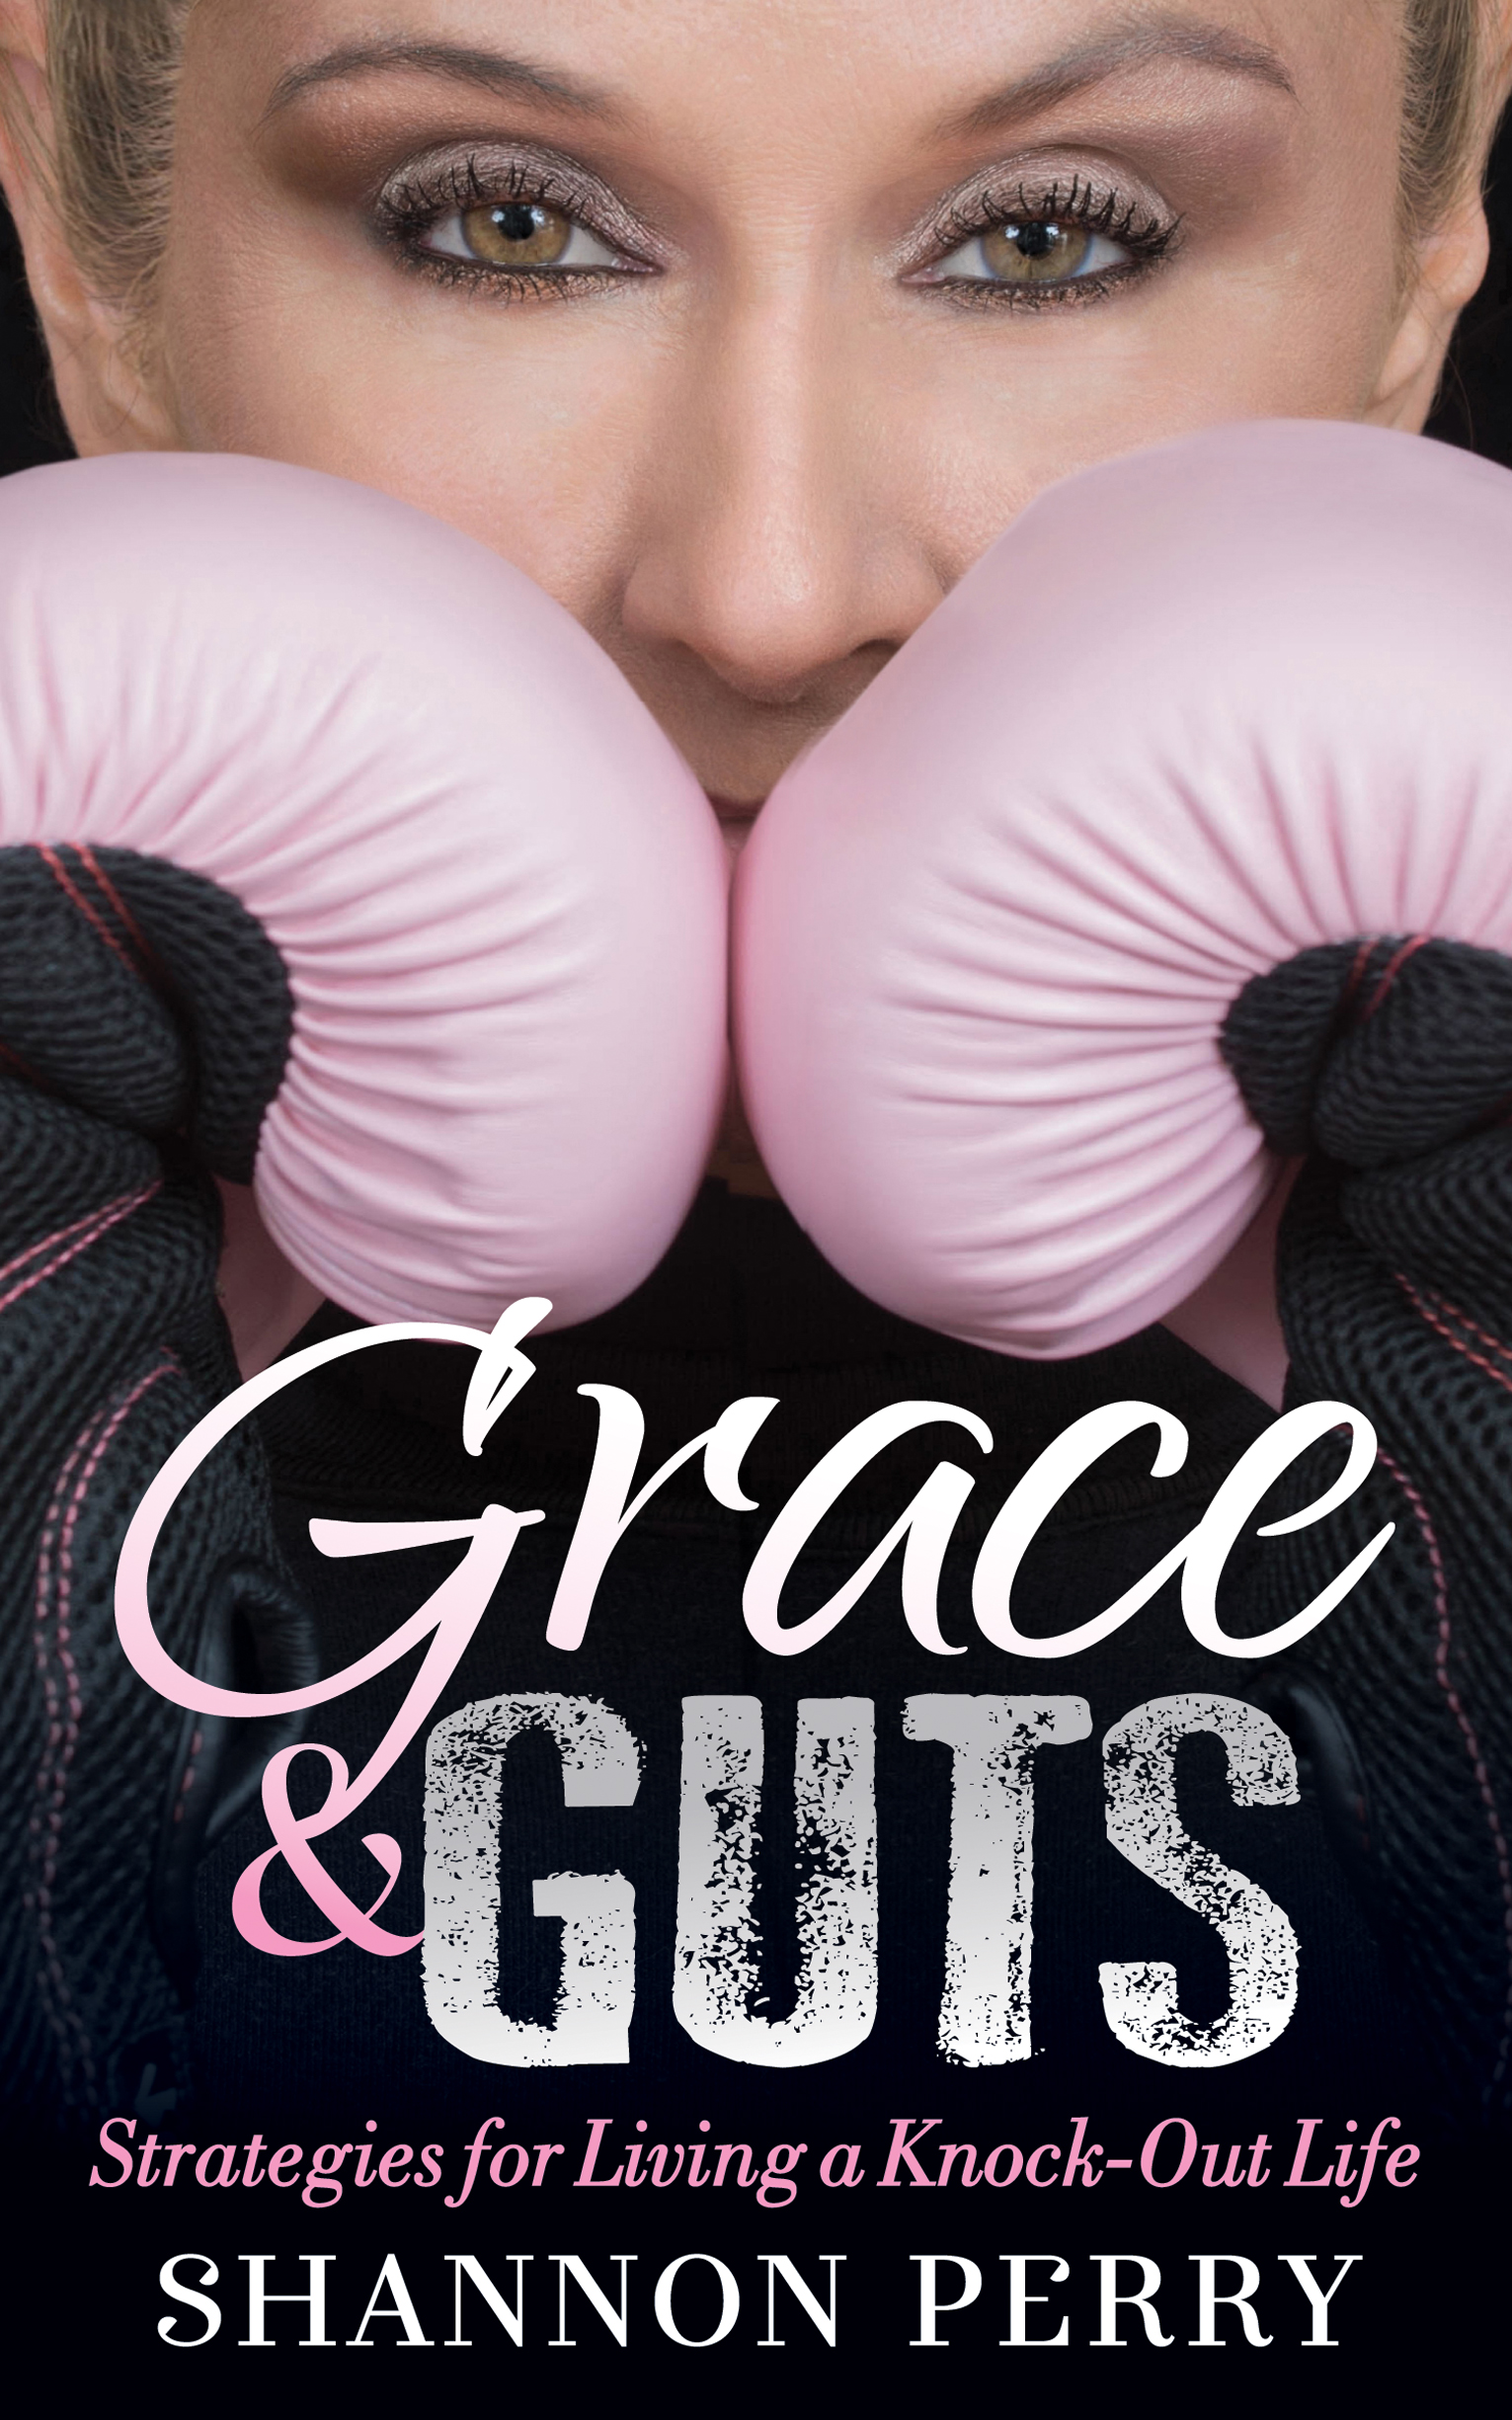 Perry-GraceGuts-FINAL-CVR-LG.jpg